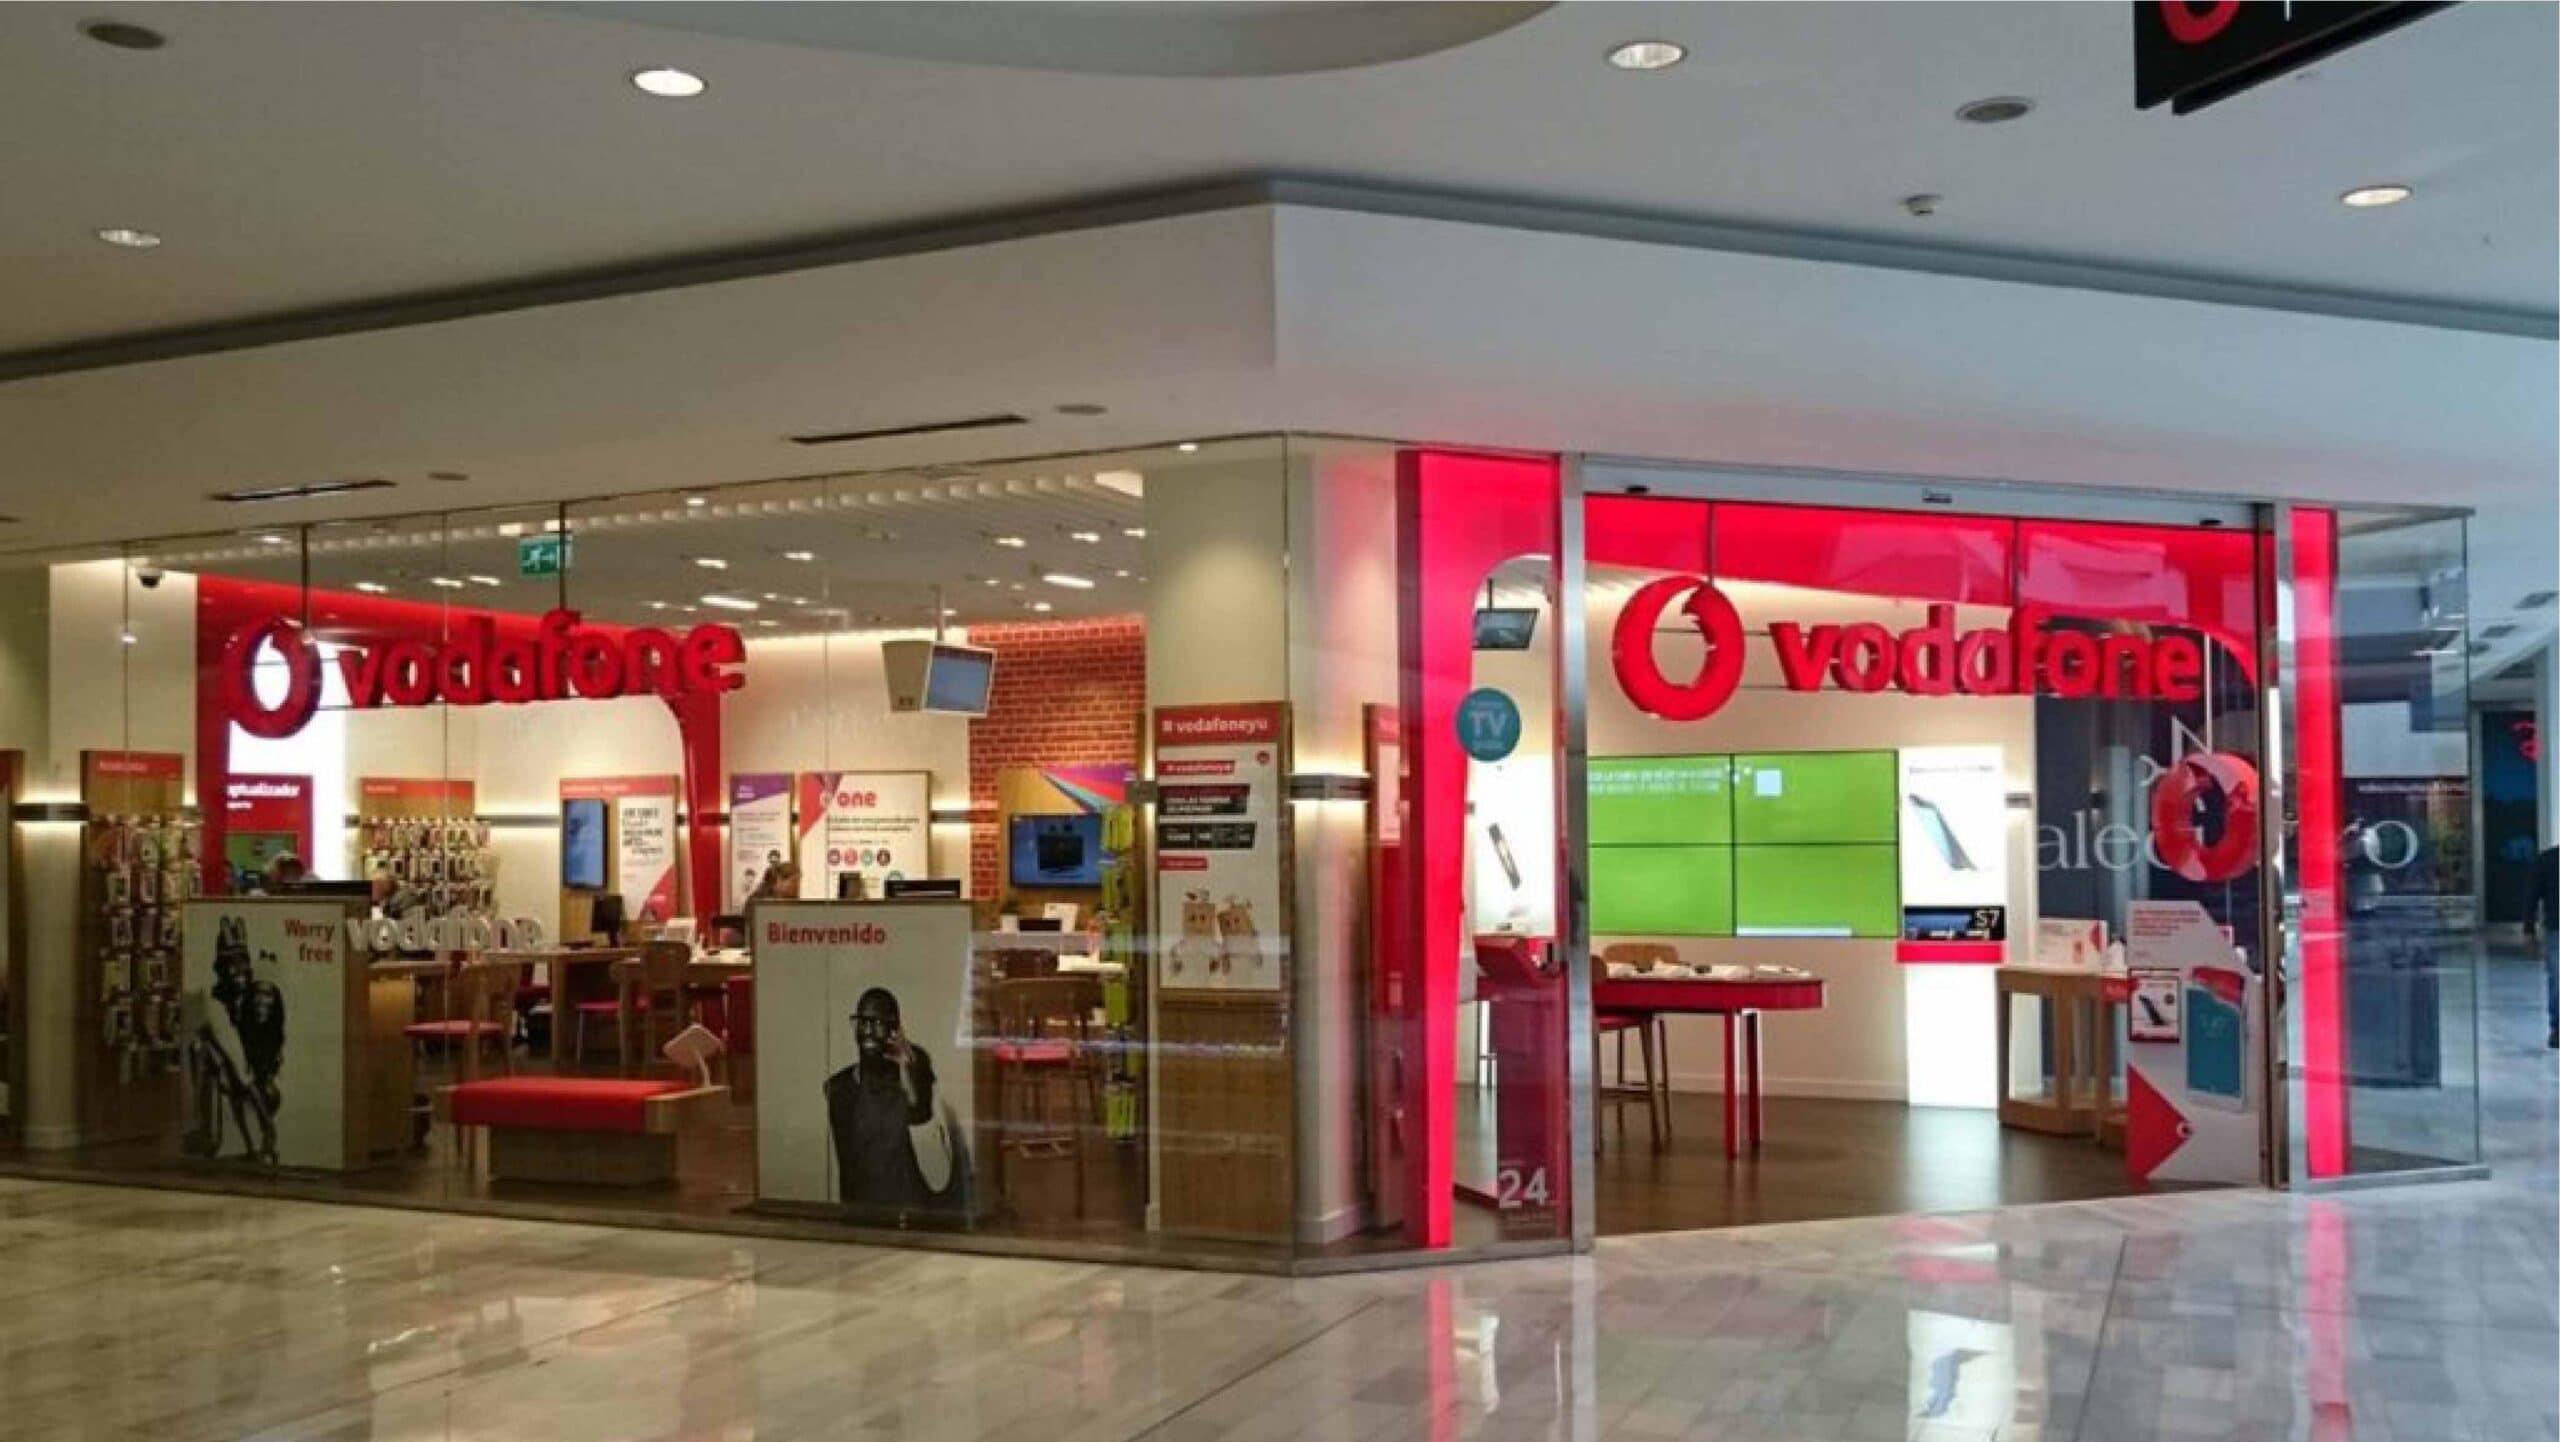 Ocimax Centro de Ocio y Cines Instalaciones Globatecnic